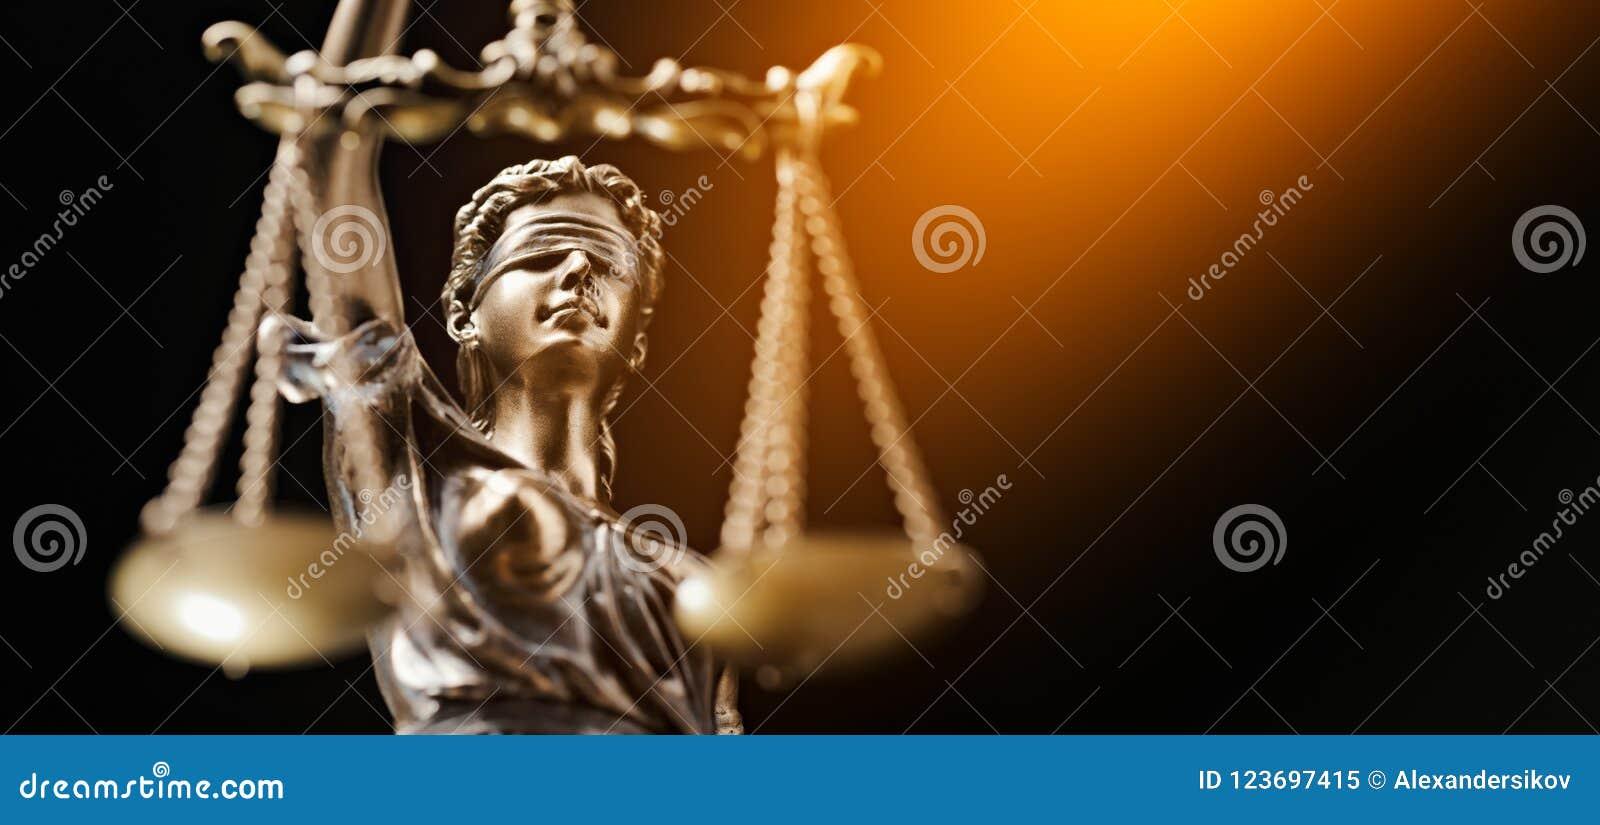 Avvocato Business Concept di Themis Statue Justice Scales Law